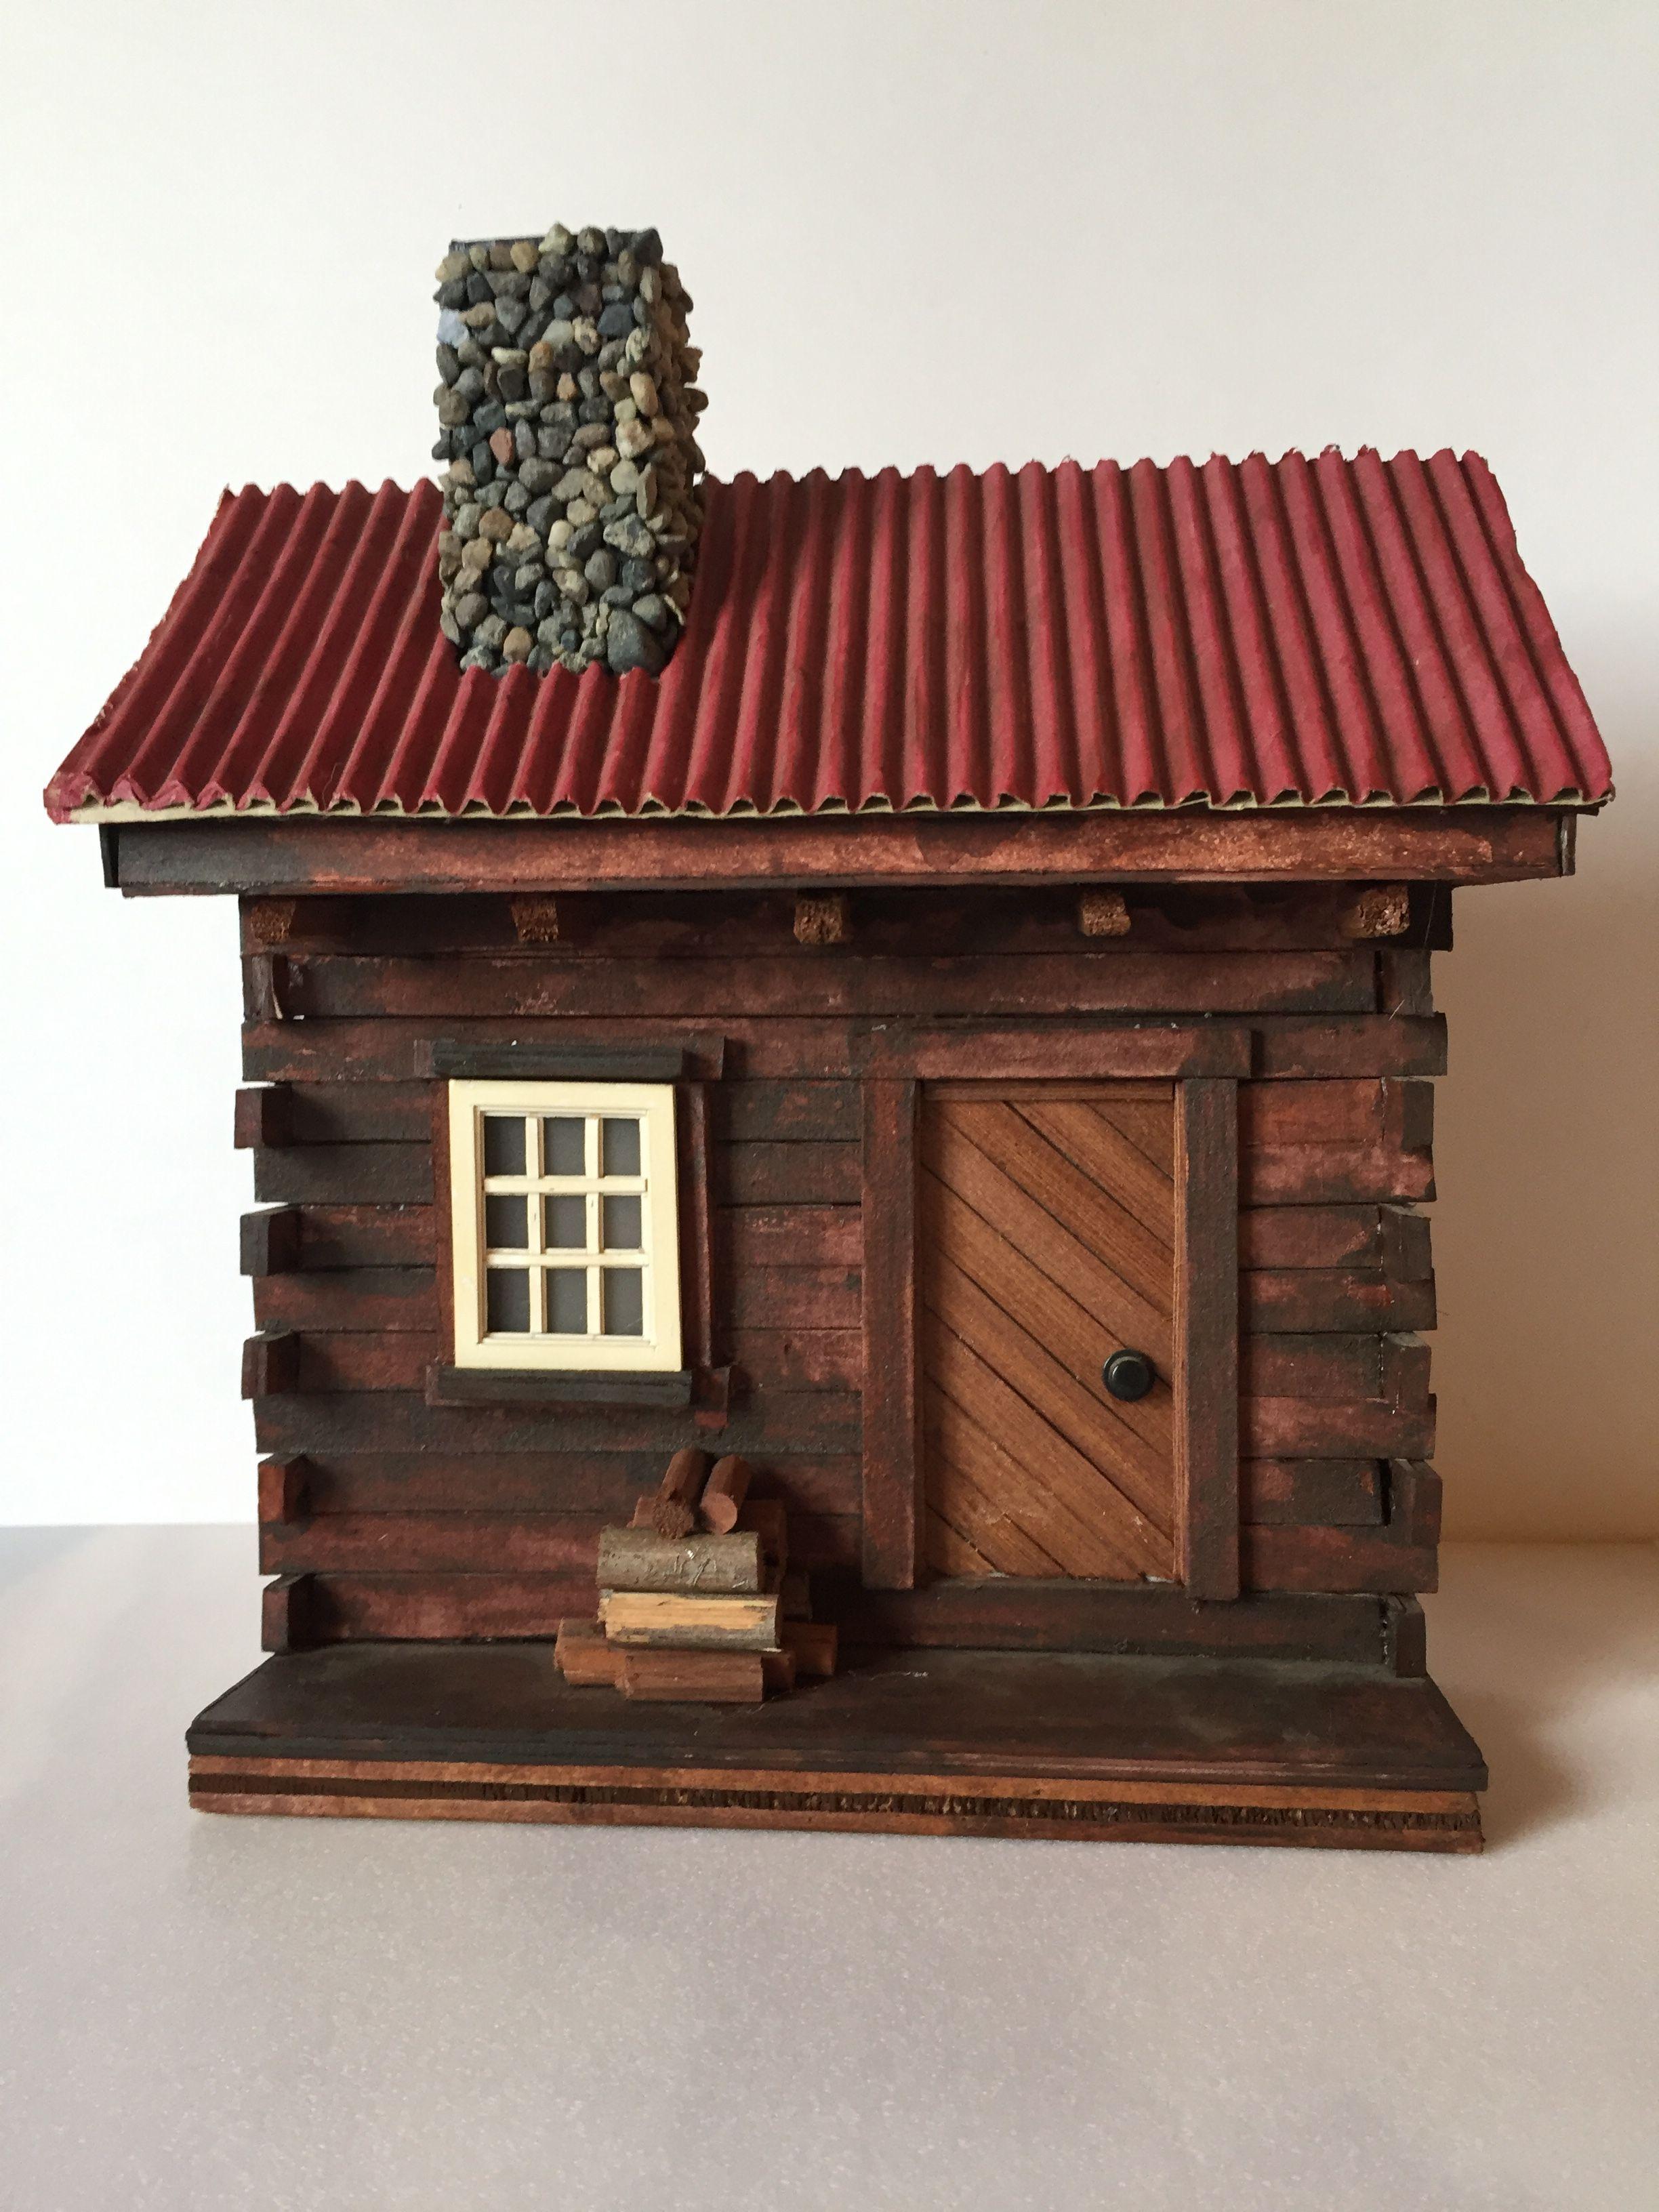 900 Ideas De Casitas En 2021 Casitas Casas En Miniatura Casitas En Miniatura